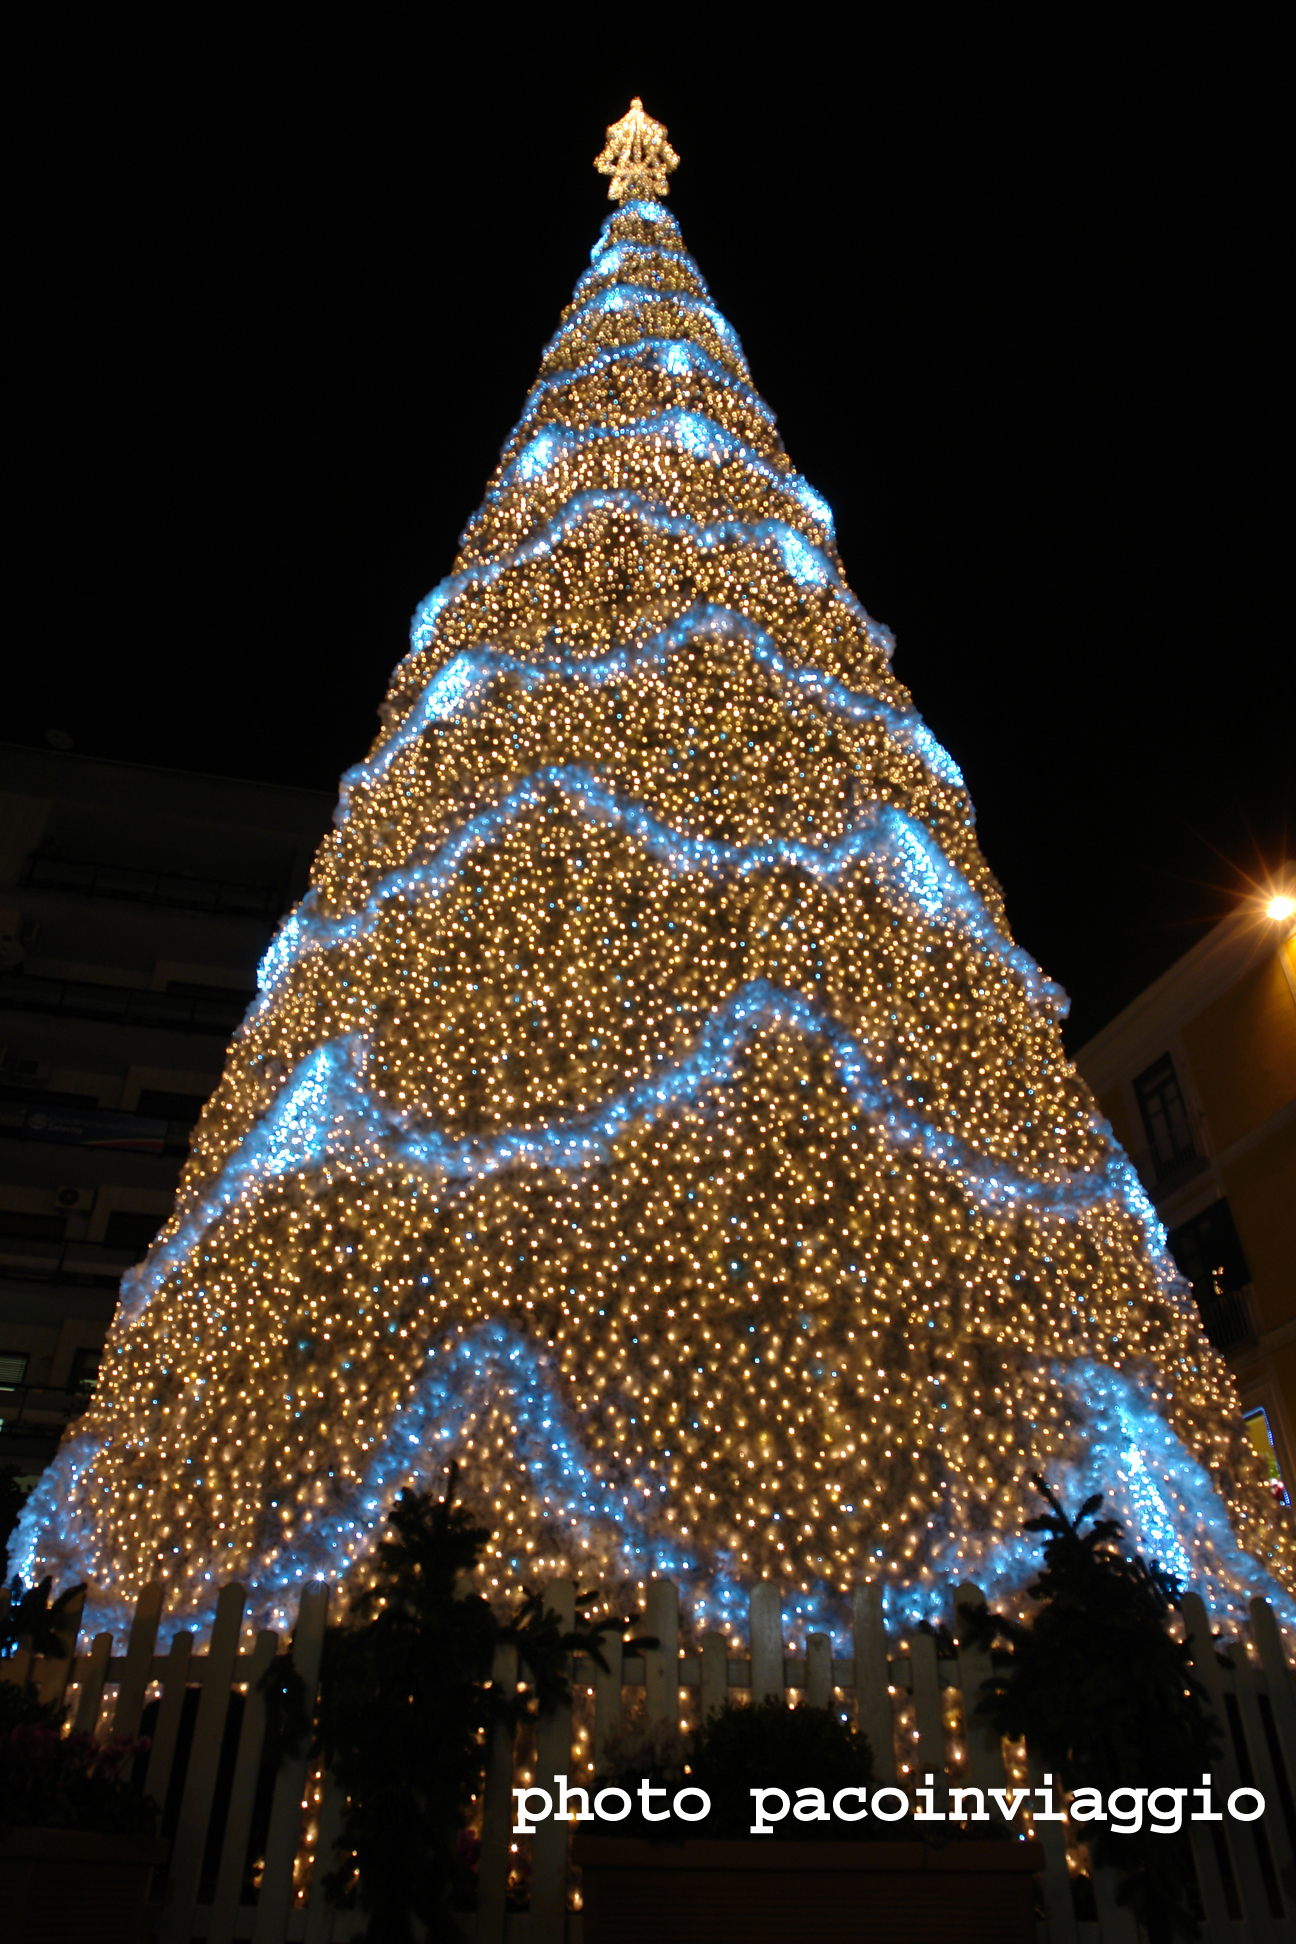 salerno: il giardino incantato ? pacoinviaggio - Illuminazione Alberi Natale